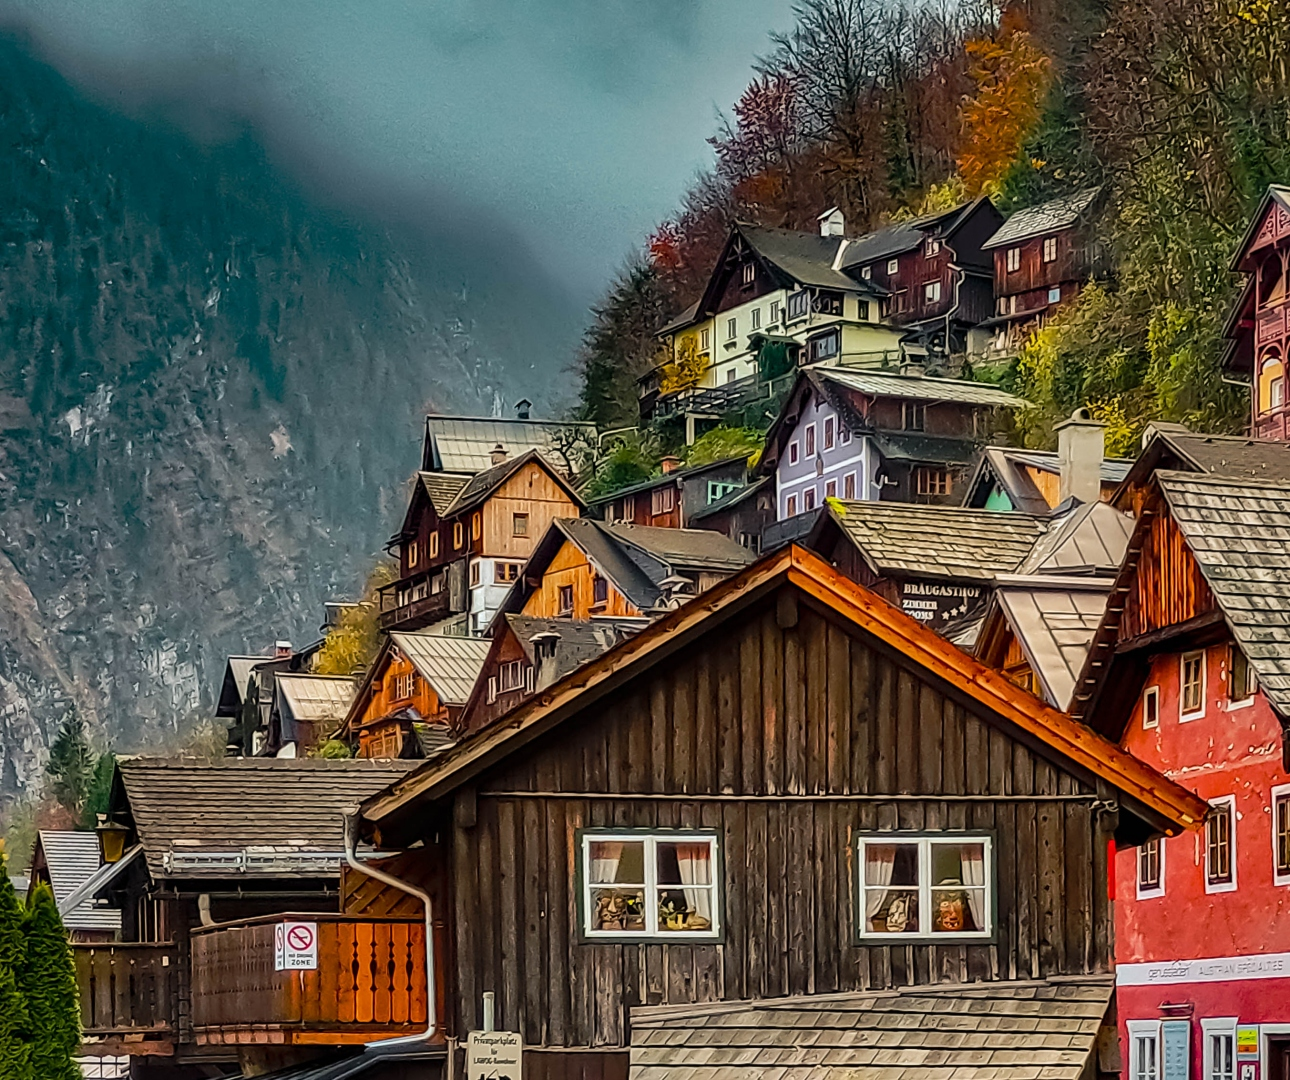 Paisagem Urbana/Hallstatt, aldeia de um conto de fadas!! #6